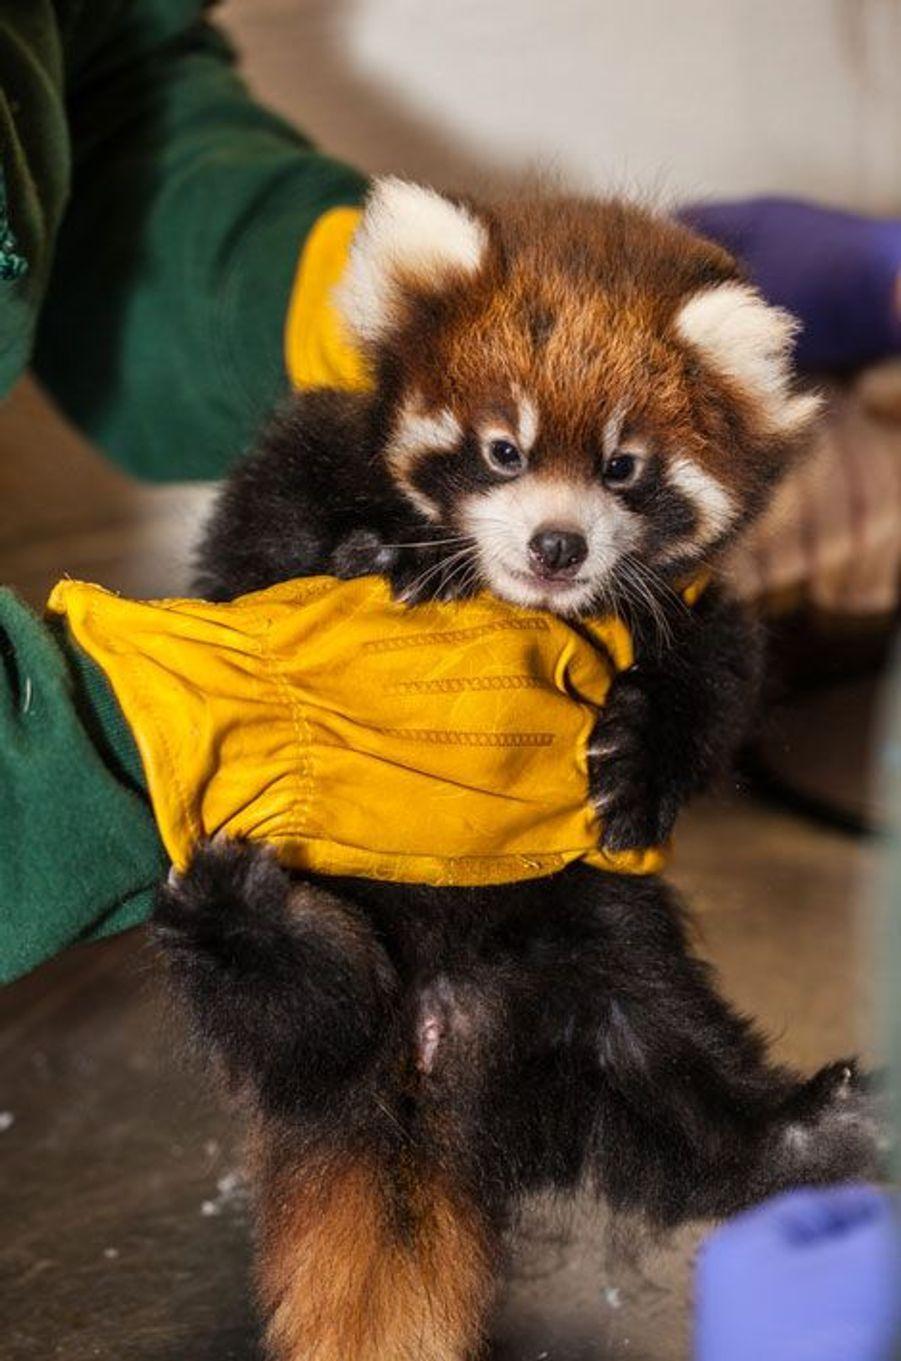 Deuxième examen médical pour les petits pandas roux